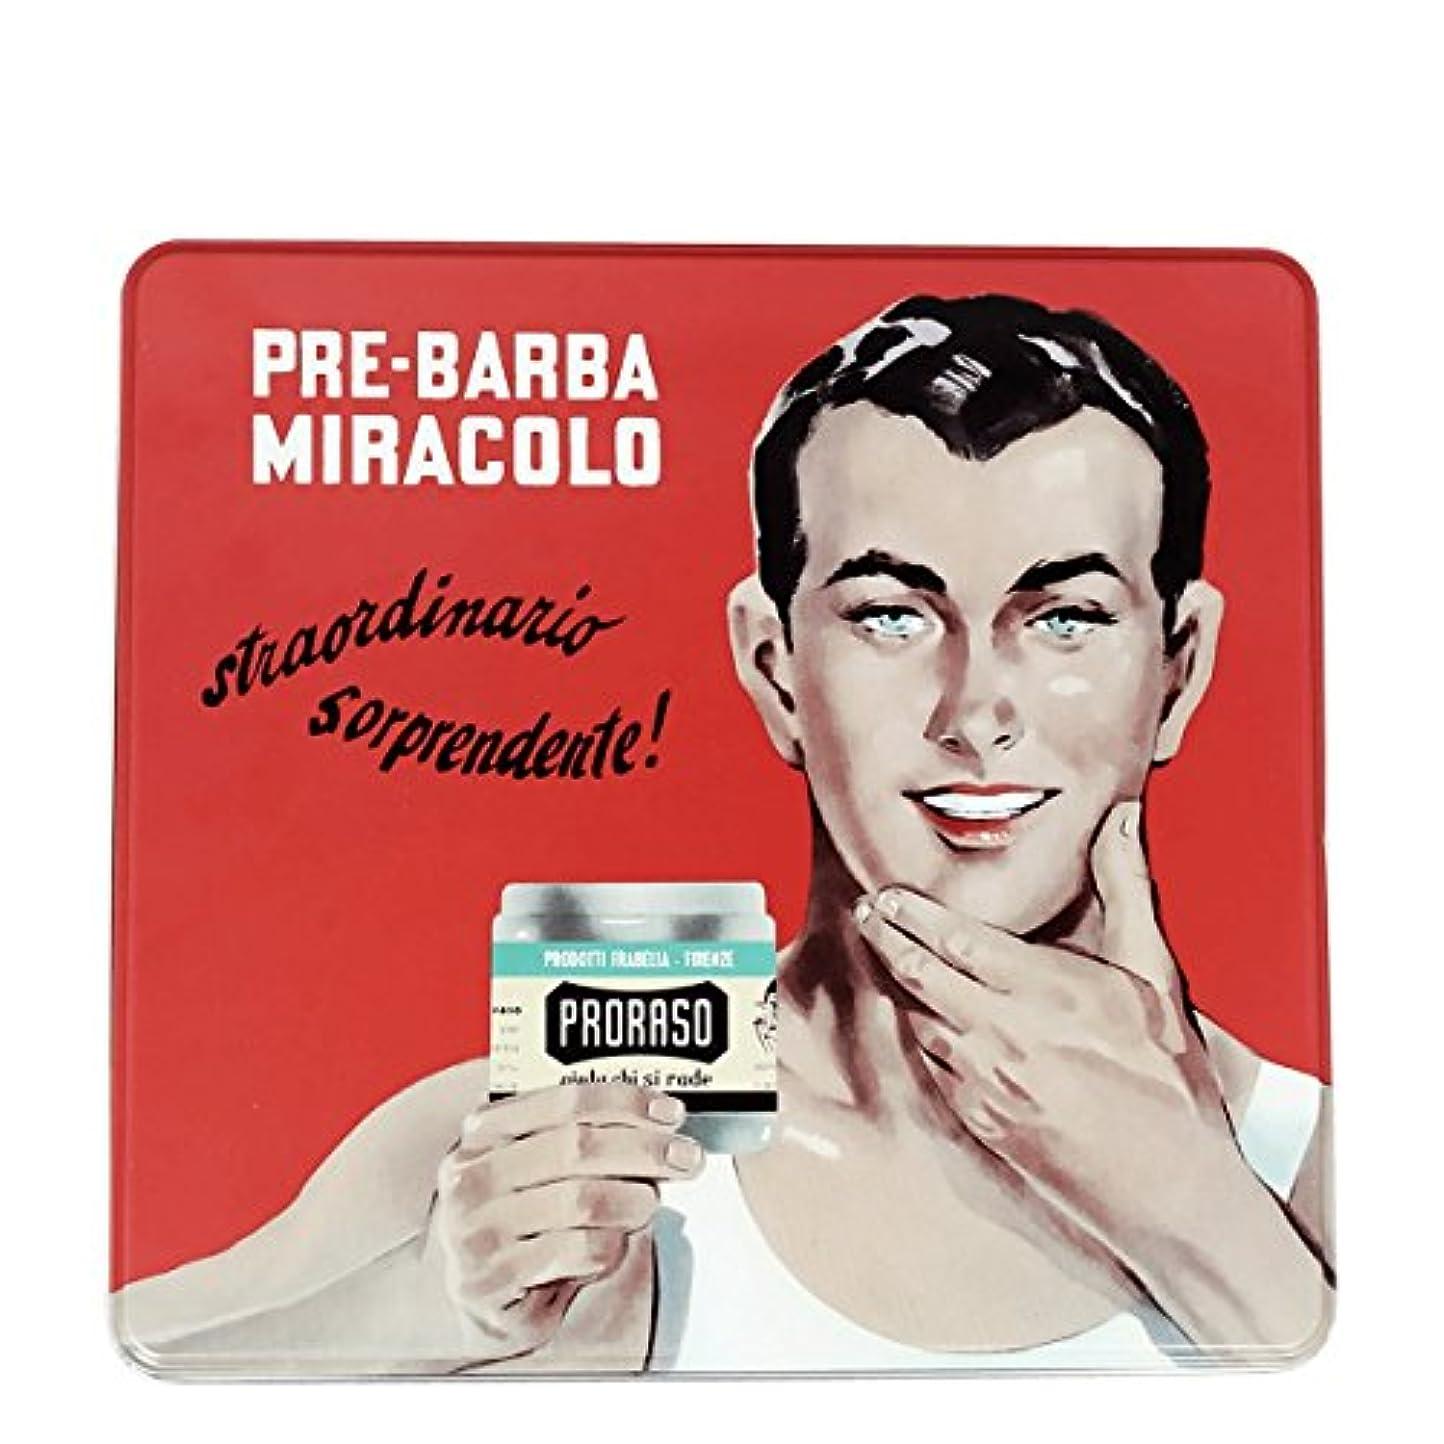 報酬の受付削除するProraso ジーノ ヴィンテージ リフレッシュ セレクション 缶[海外直送品] [並行輸入品]